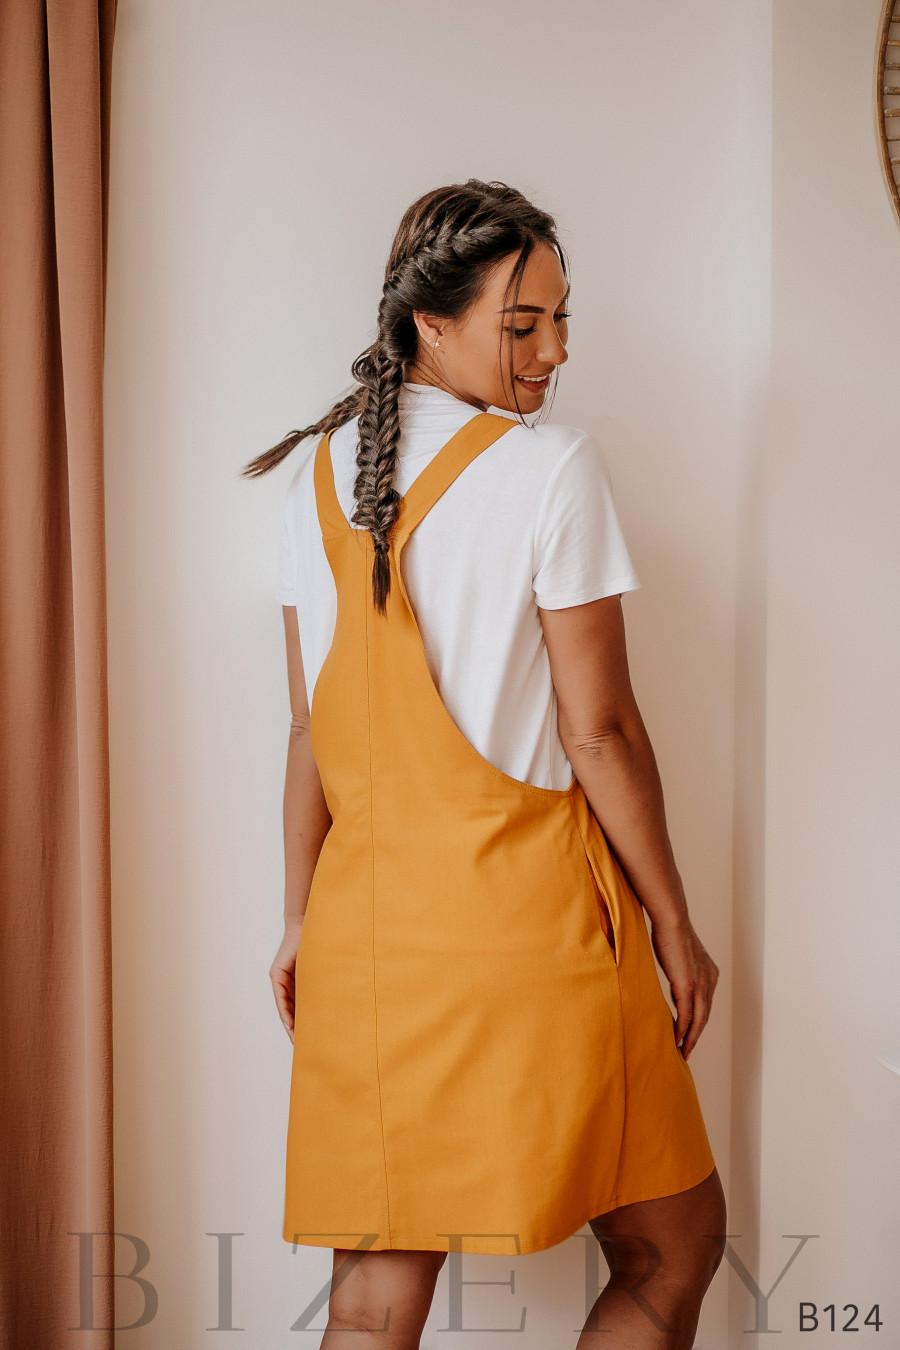 Горчичный сарафан из полированного льна + мягкая белая футболка